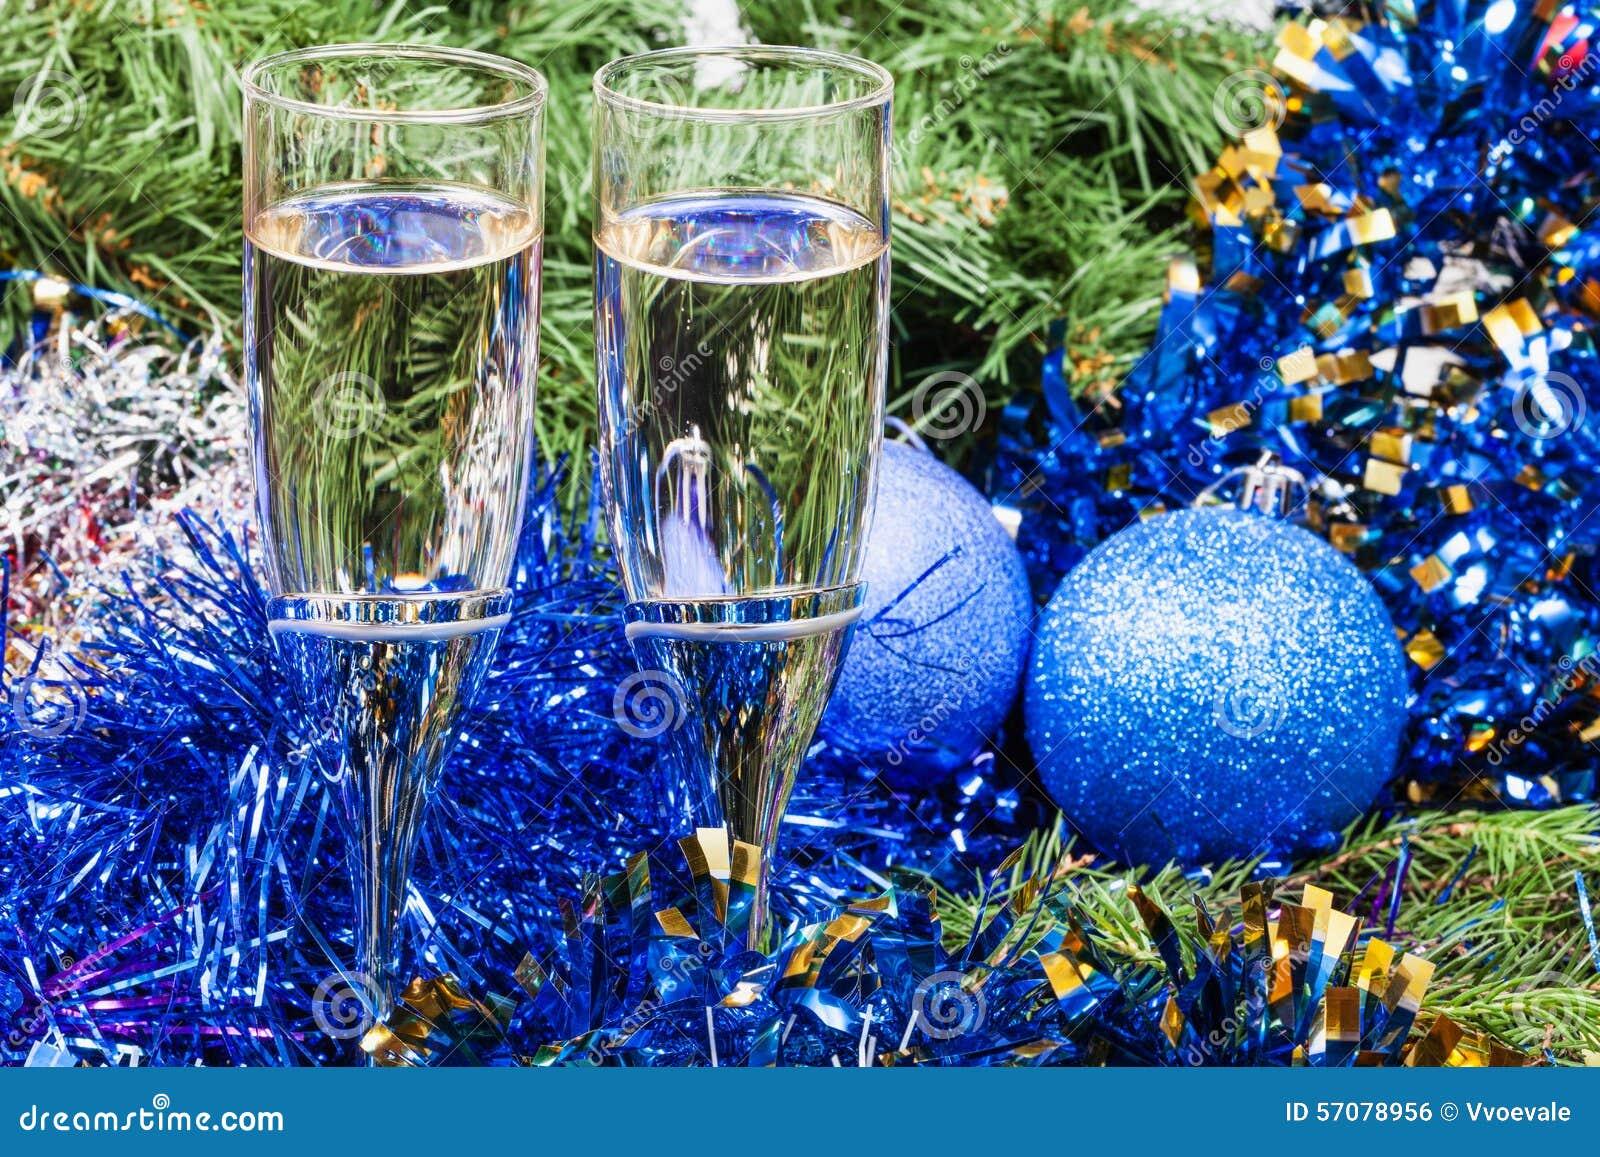 Albero Di Natale Con Decorazioni Blu : Due vetri con le decorazioni di natale e l albero blu fotografia